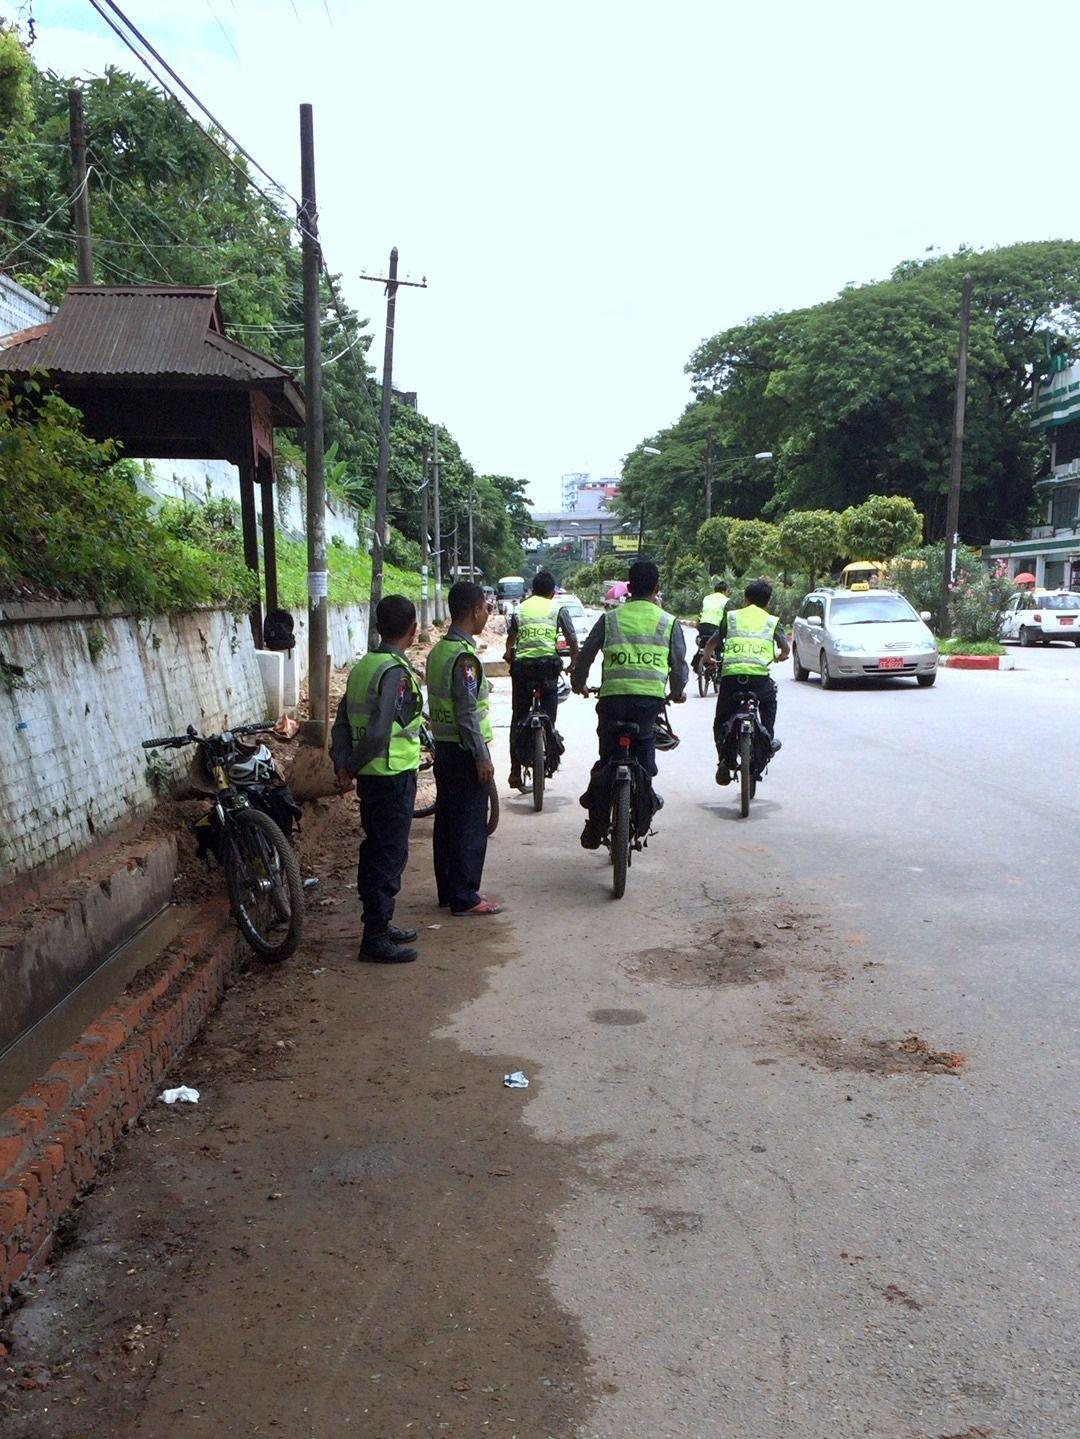 ヤンゴン警察の怖い話